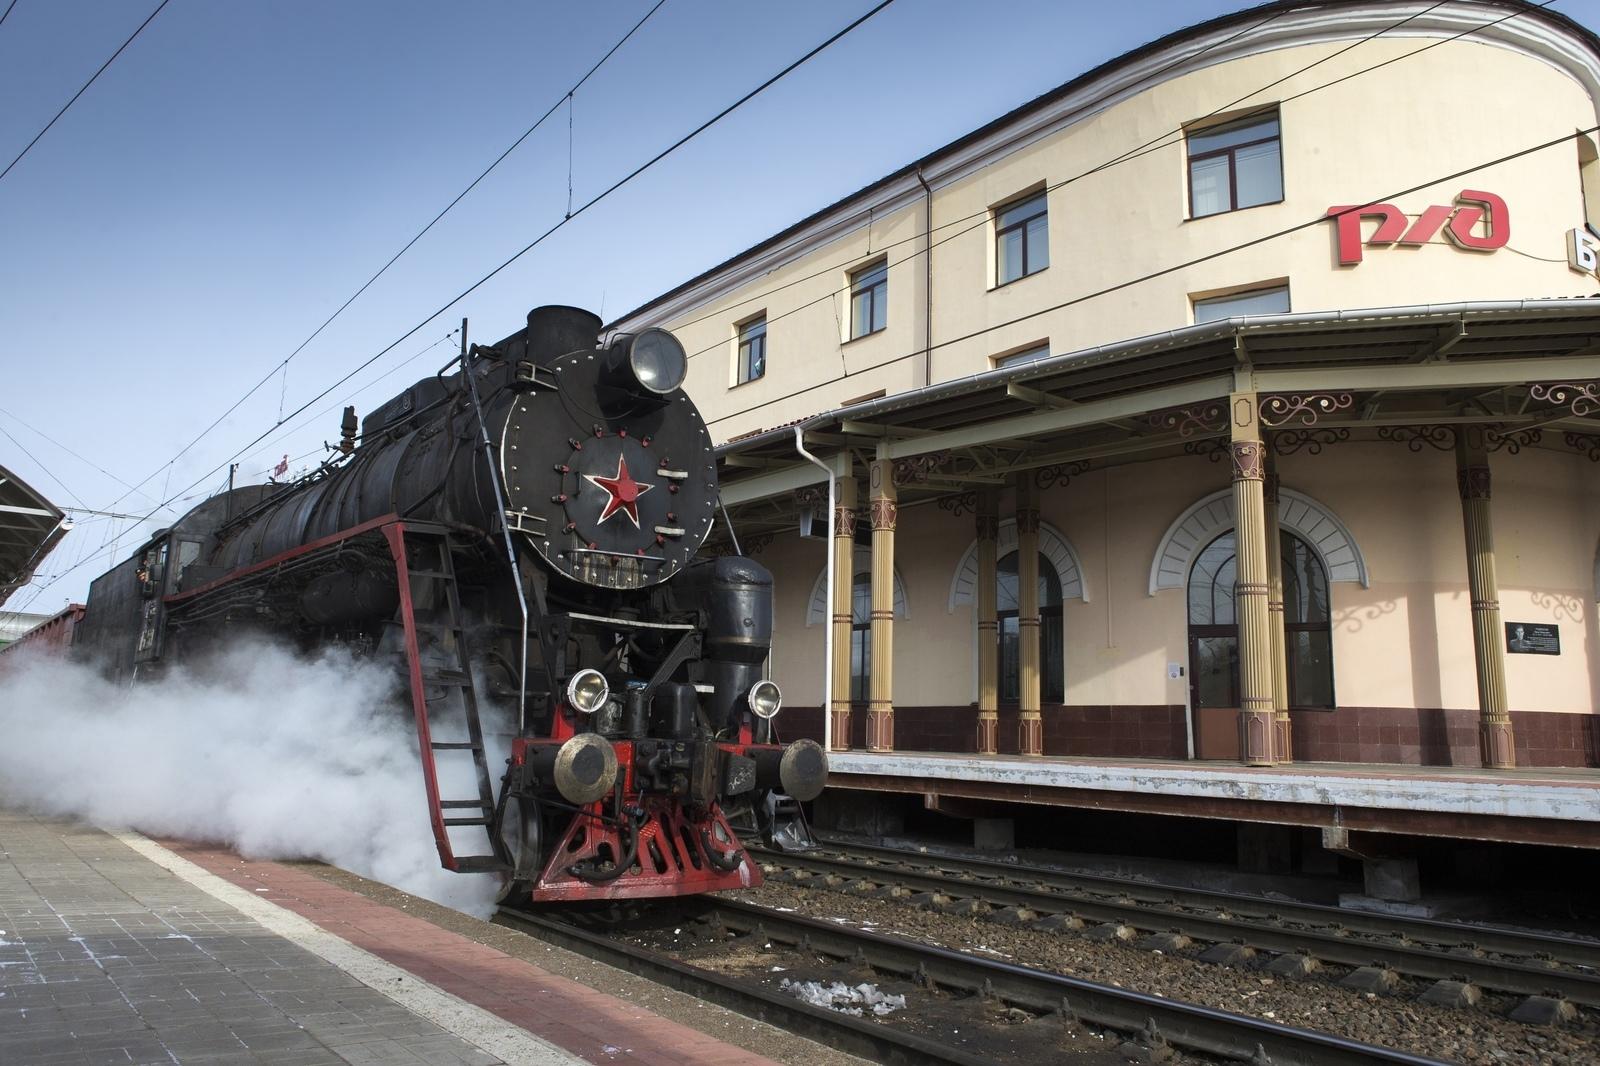 Первый в России регулярный пассажирский маршрут пригородного поезда на паровой тяге